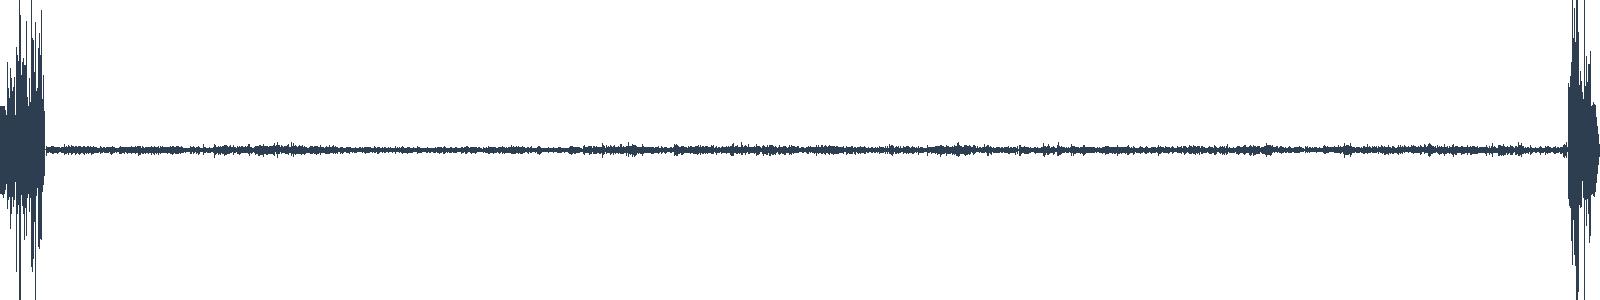 Audinovinky 24 - Veltržní speciál naživo waveform